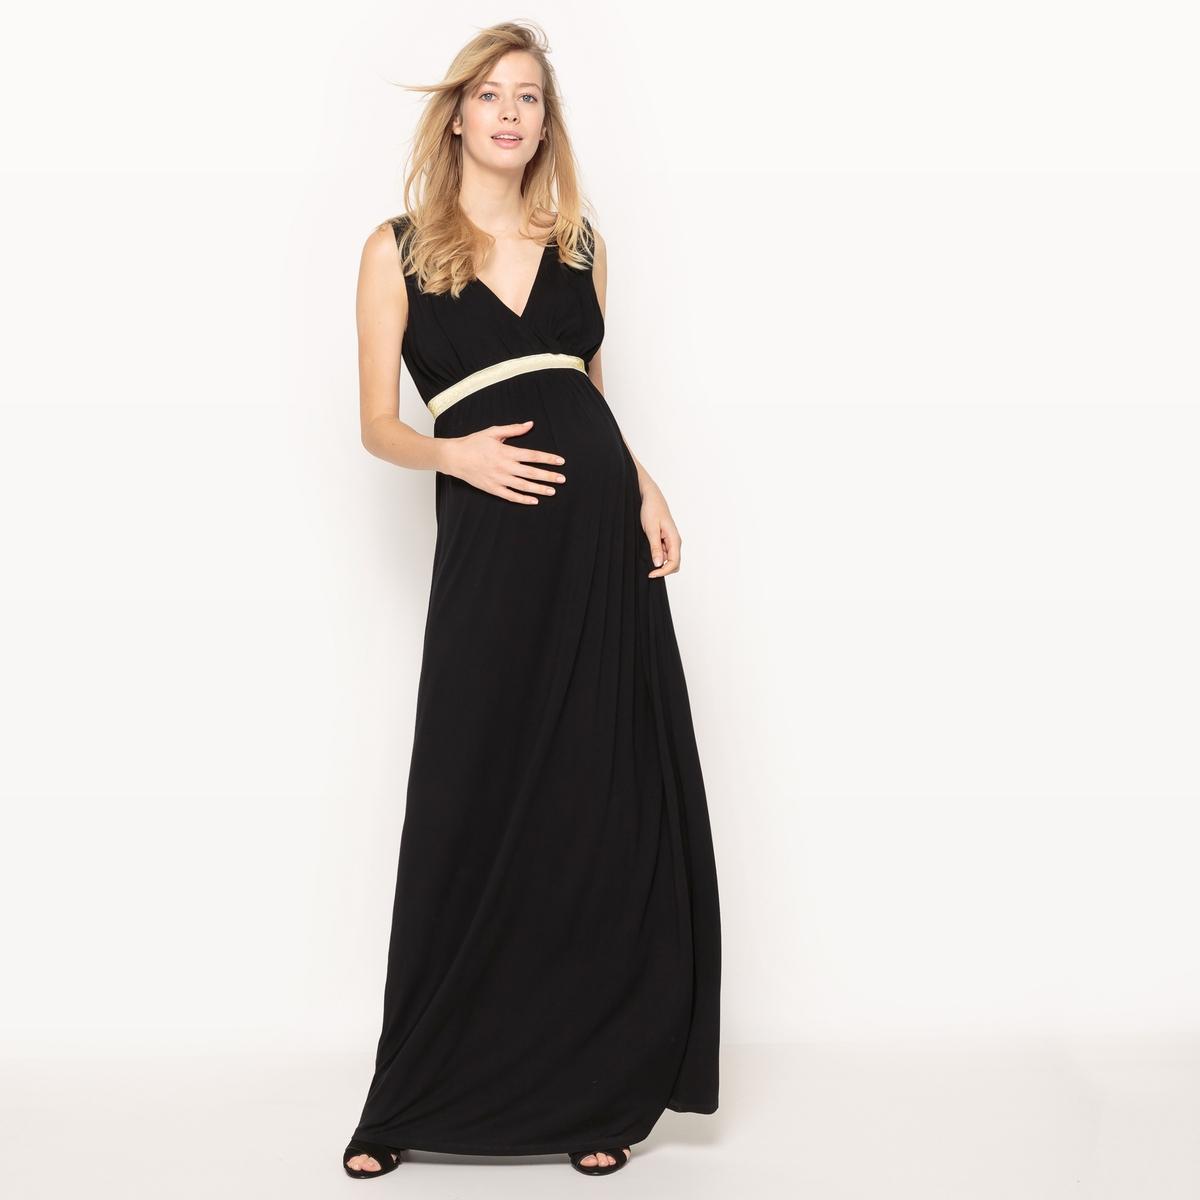 Платье для периода беременности длинное из джерсиМатериал : 95% вискозы, 5% эластана             Длина рукава : без рукавов             Форма воротника : V-образный вырез            Покрой платья : длинное платье            Рисунок : однотонная модель             Особенность платья : с драпировкой            Длина платья : длинная            Стирка : машинная стирка при 30 °С в деликатном режиме            Уход : сухая чистка и отбеливание запрещены            Машинная сушка : запрещена            Глажка : при низкой температуре<br><br>Цвет: черный<br>Размер: 40 (FR) - 46 (RUS).42 (FR) - 48 (RUS)